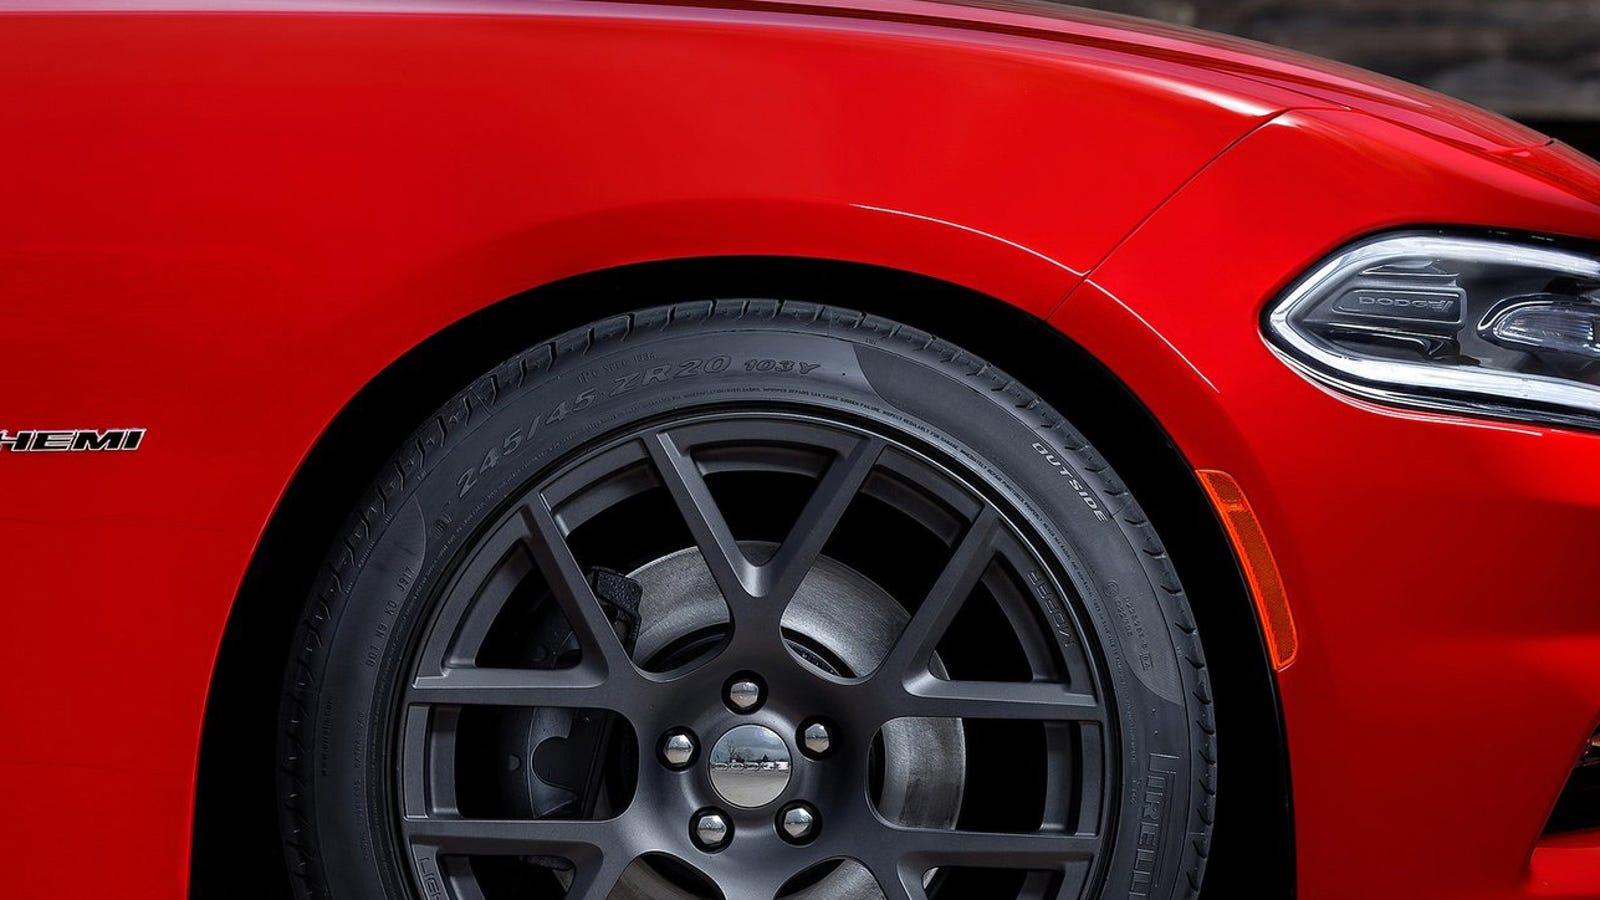 Do Dealerships Put Fake Badges On Cars?